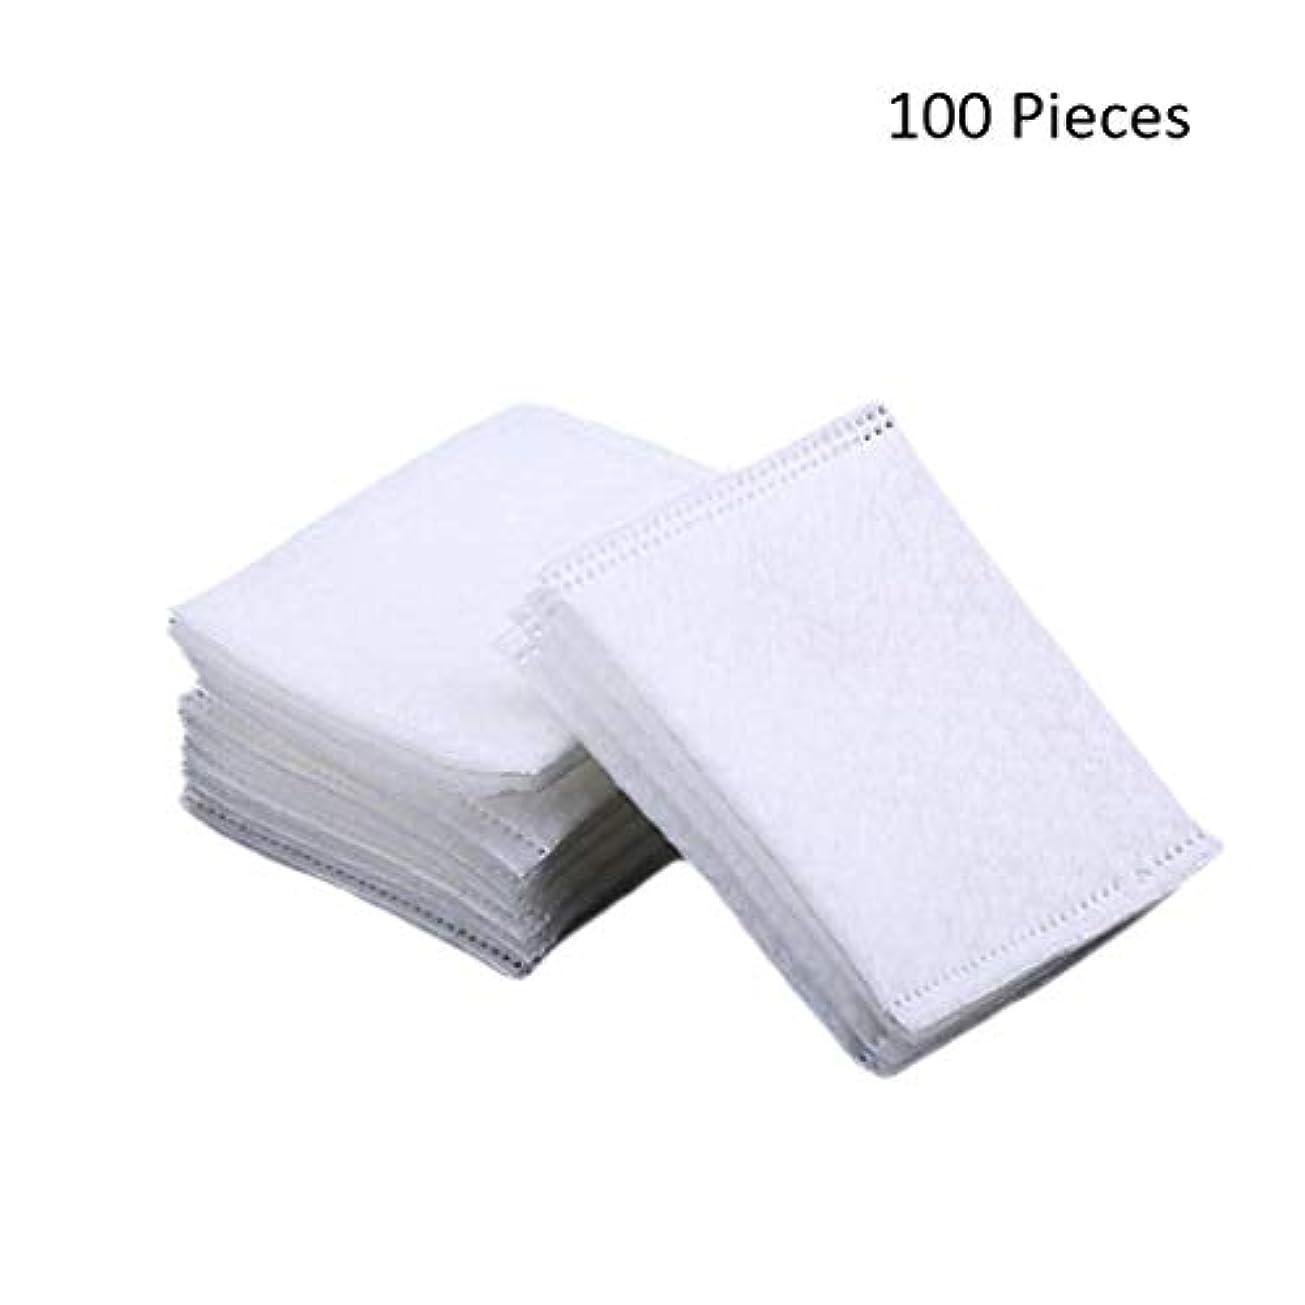 遅滞分数長いです50/100/220ピースダブルサイドフェイスメイクアップリムーバーコットンパッド密封旅行削除コットンパッドスキン化粧品メイクアップツール (Color : White, サイズ : 100 Pieces)